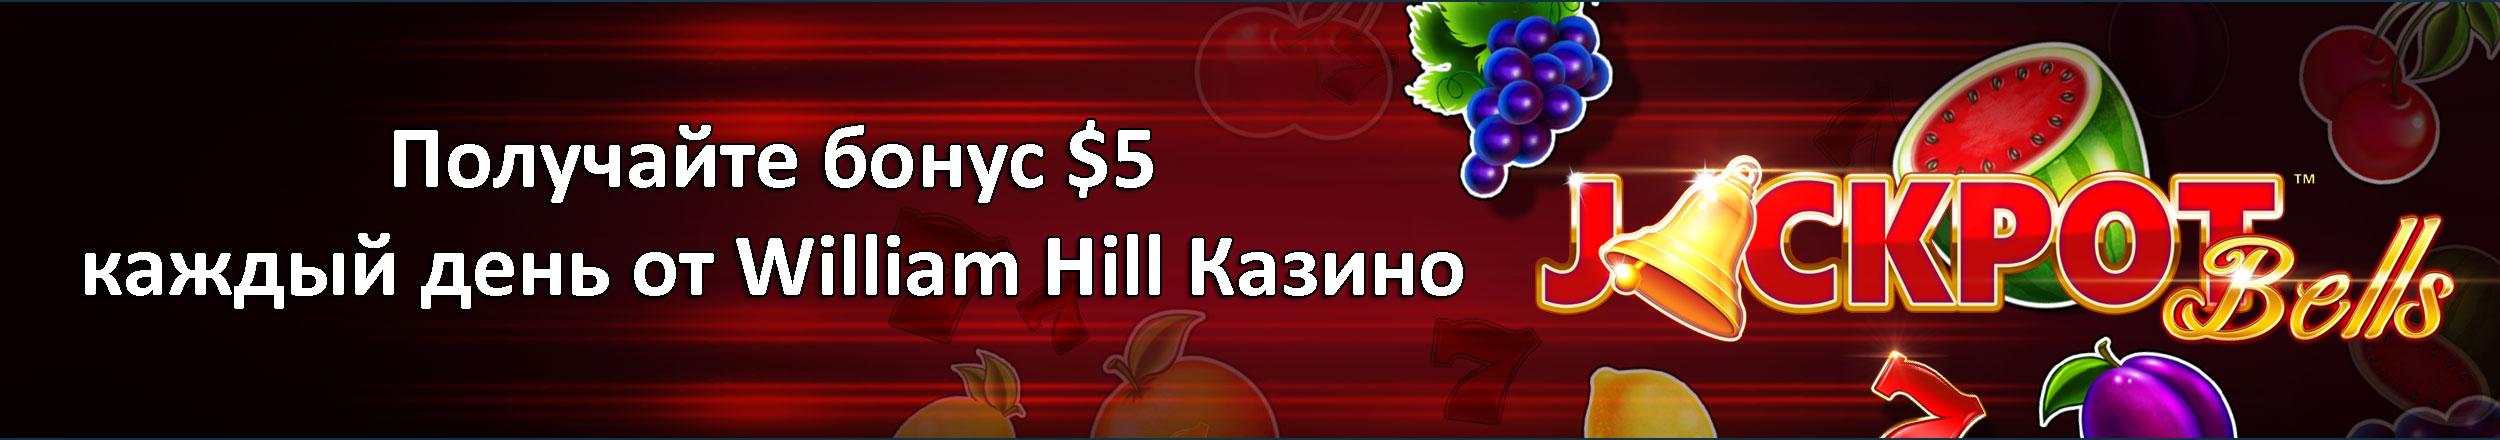 Получайте бонус $5 каждый день от William Hill Казино